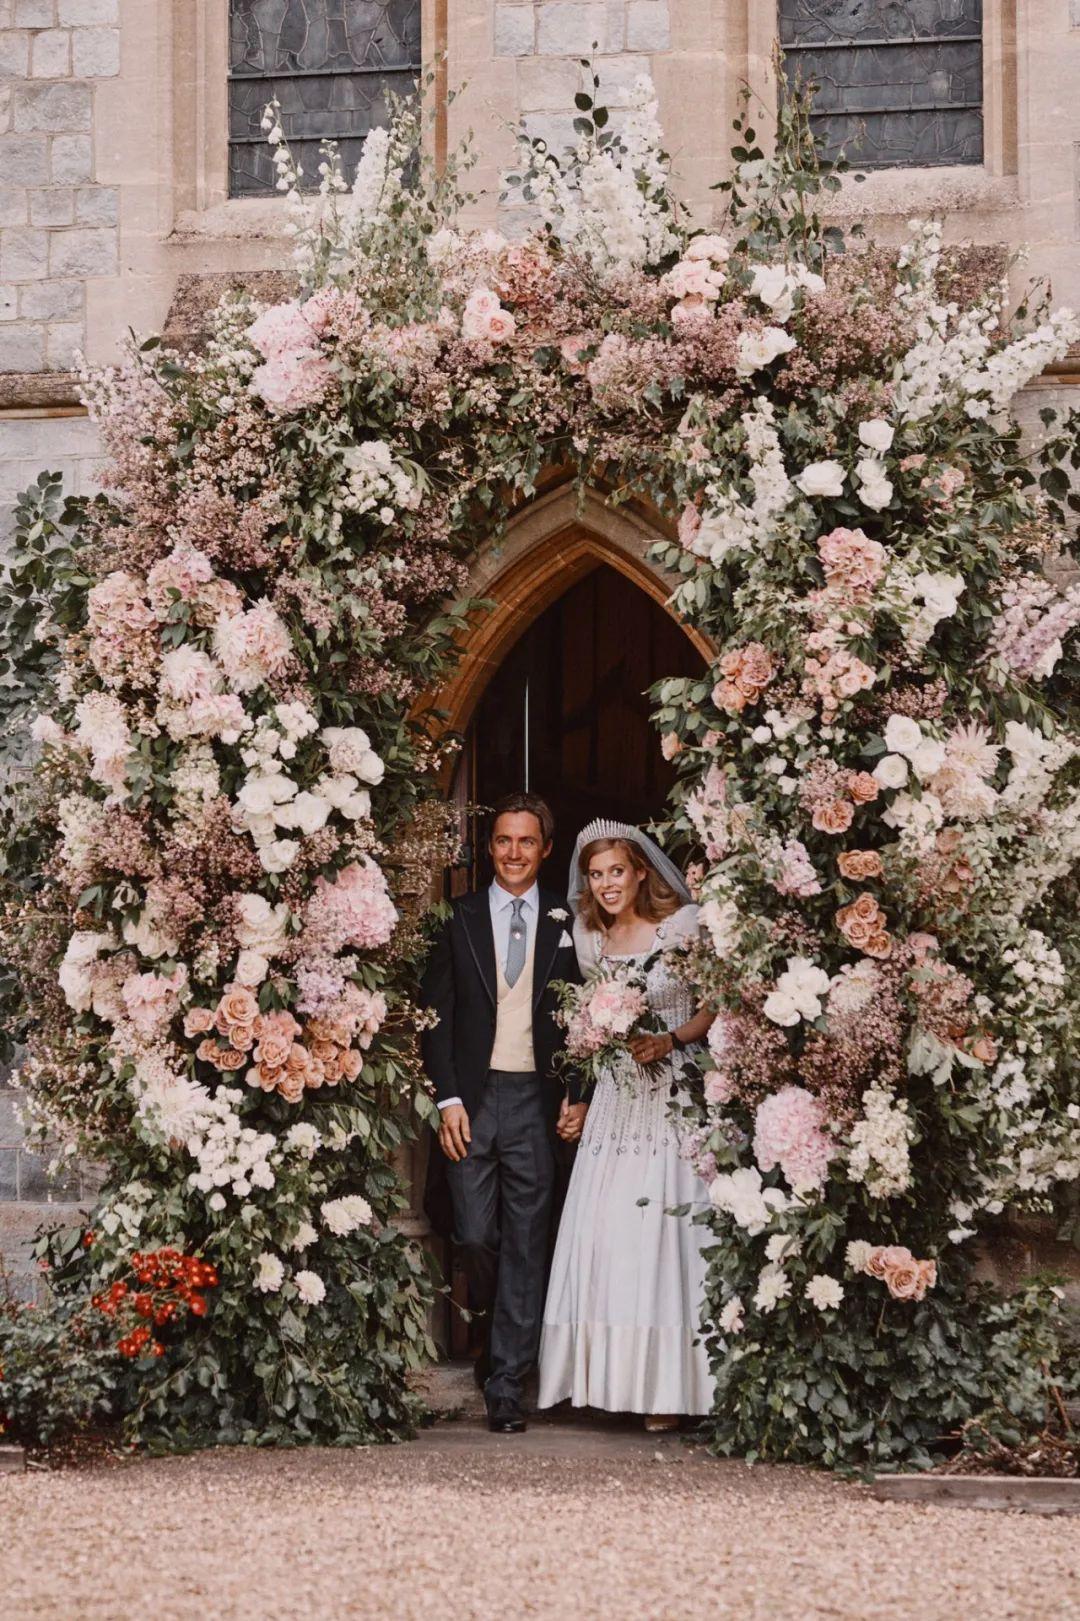 碧翠丝公主和莫齐。/图片来自英国王室官方推特